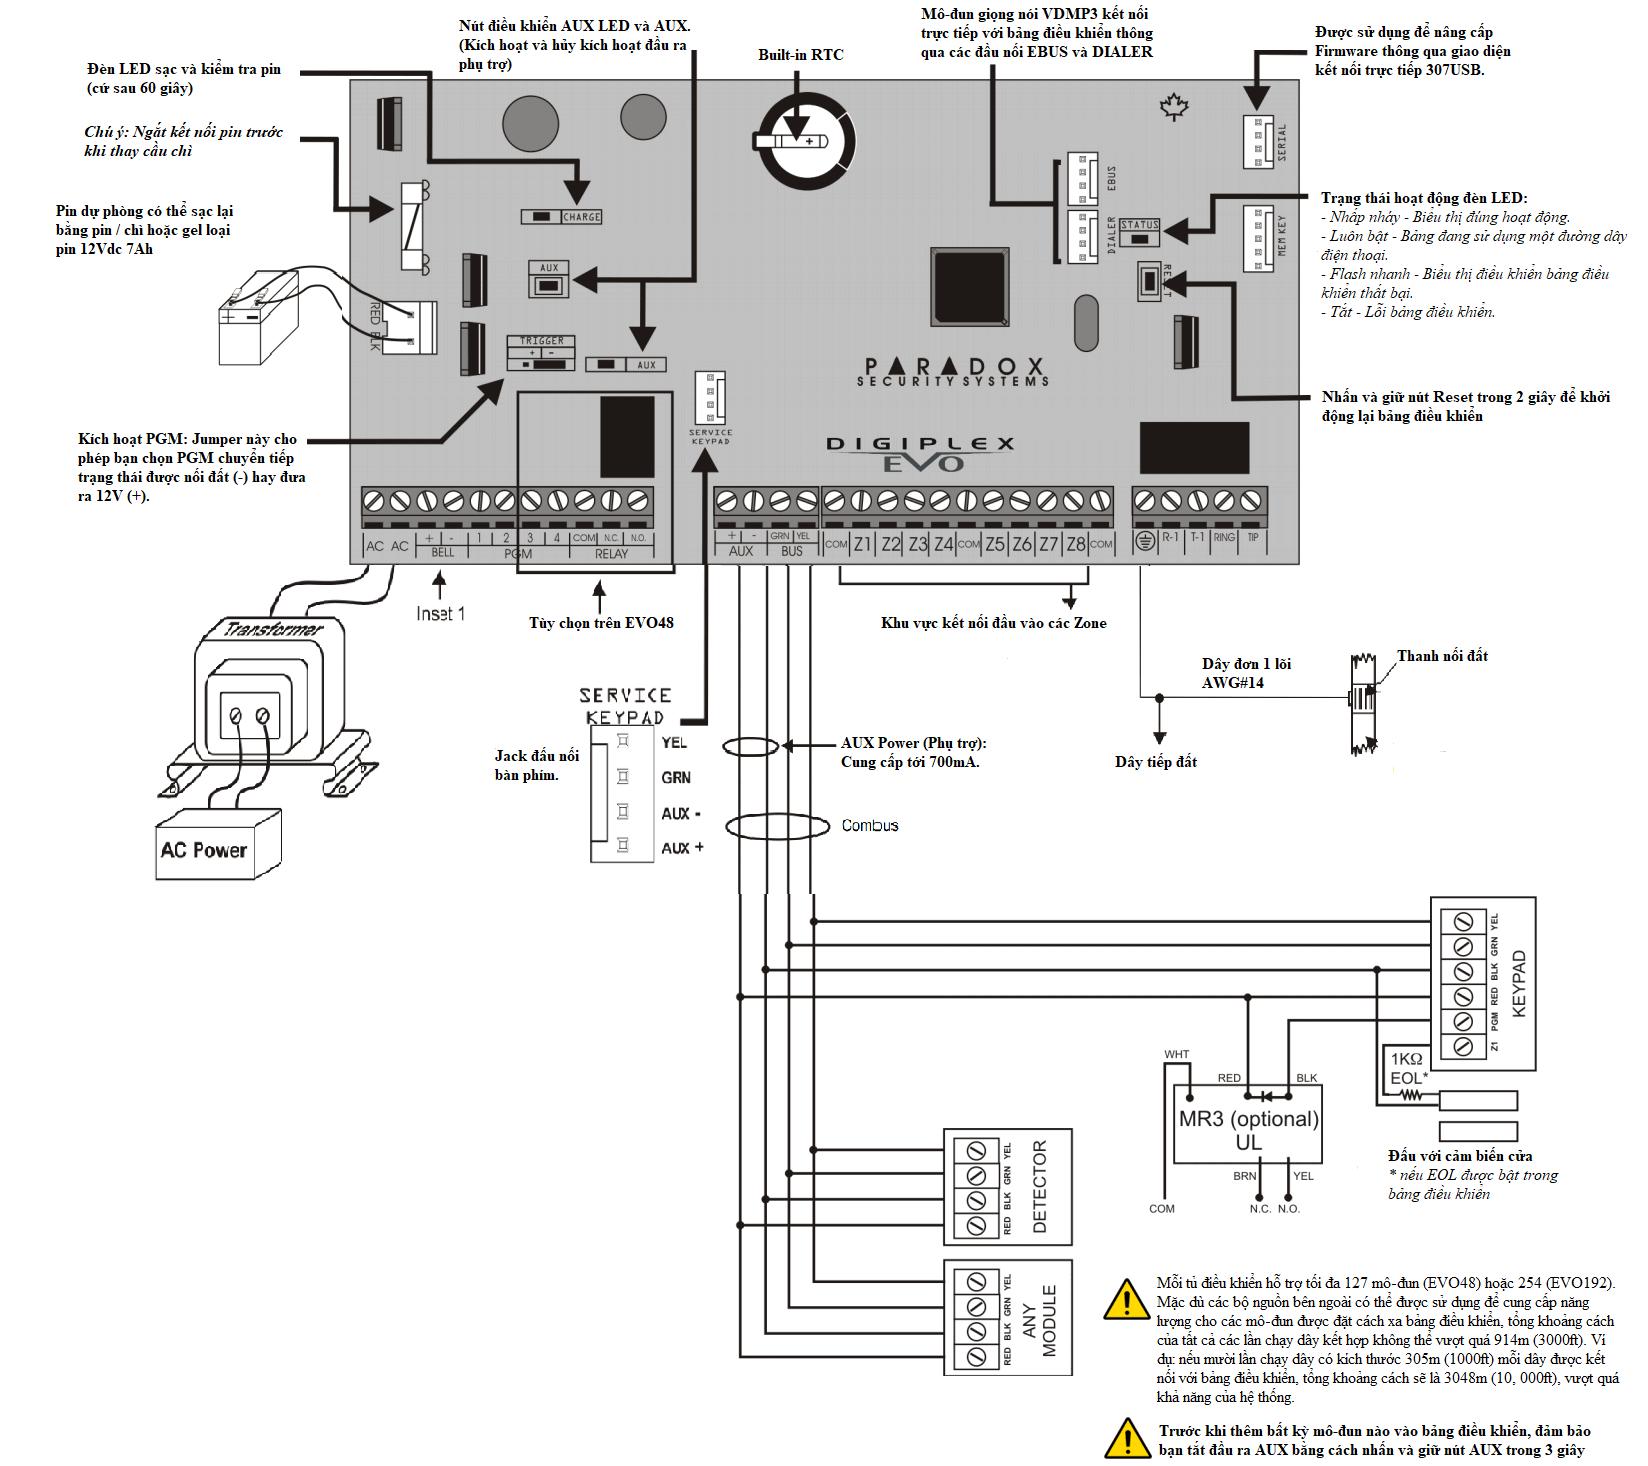 Hướng dẫn đấu dây tủ báo động Paradox EVO192